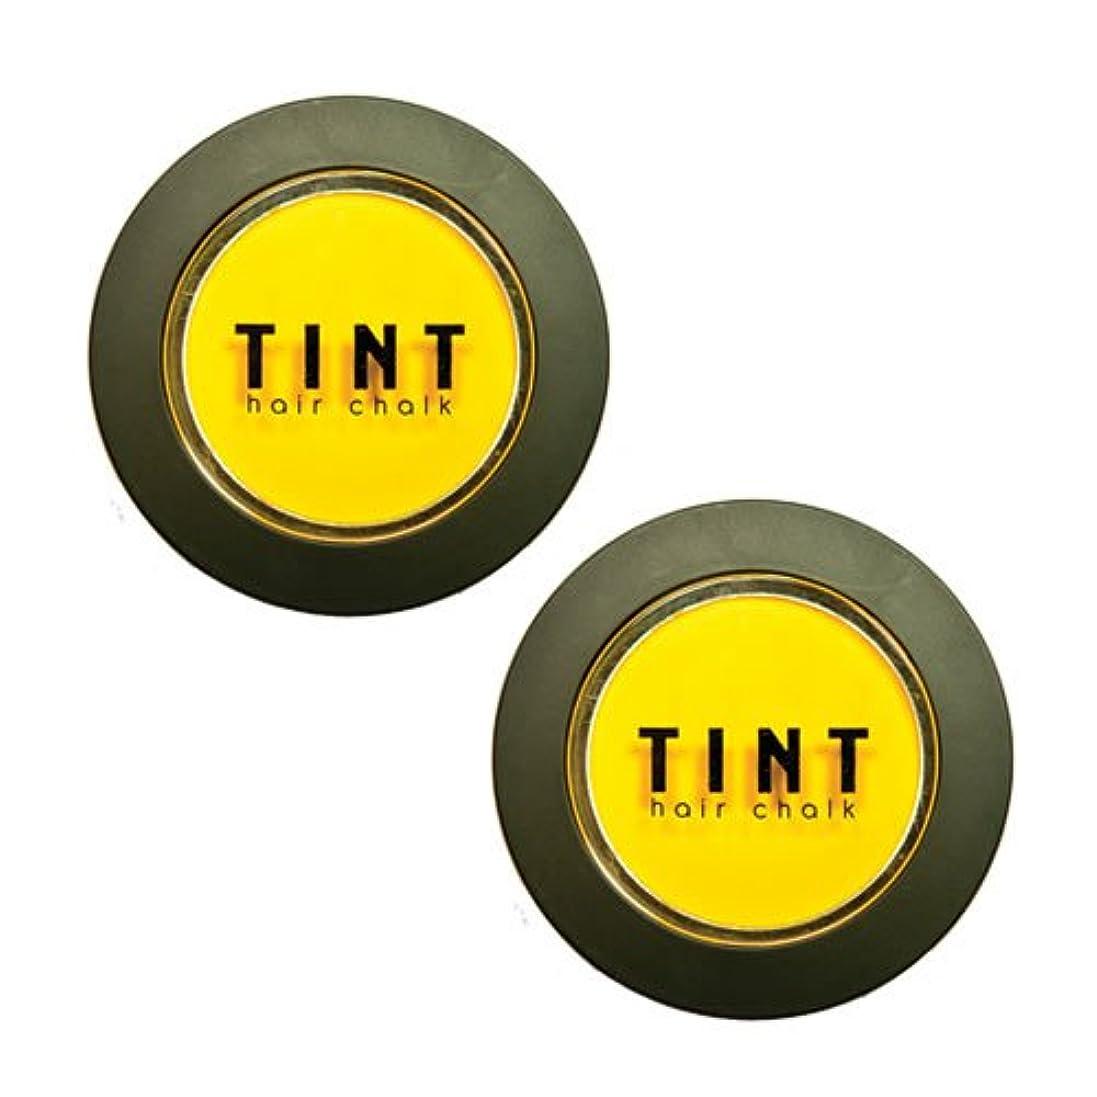 役立つ排出見つけたFINE FEATHERHEADS TINTヘアチョーク Sunburst 2個セット